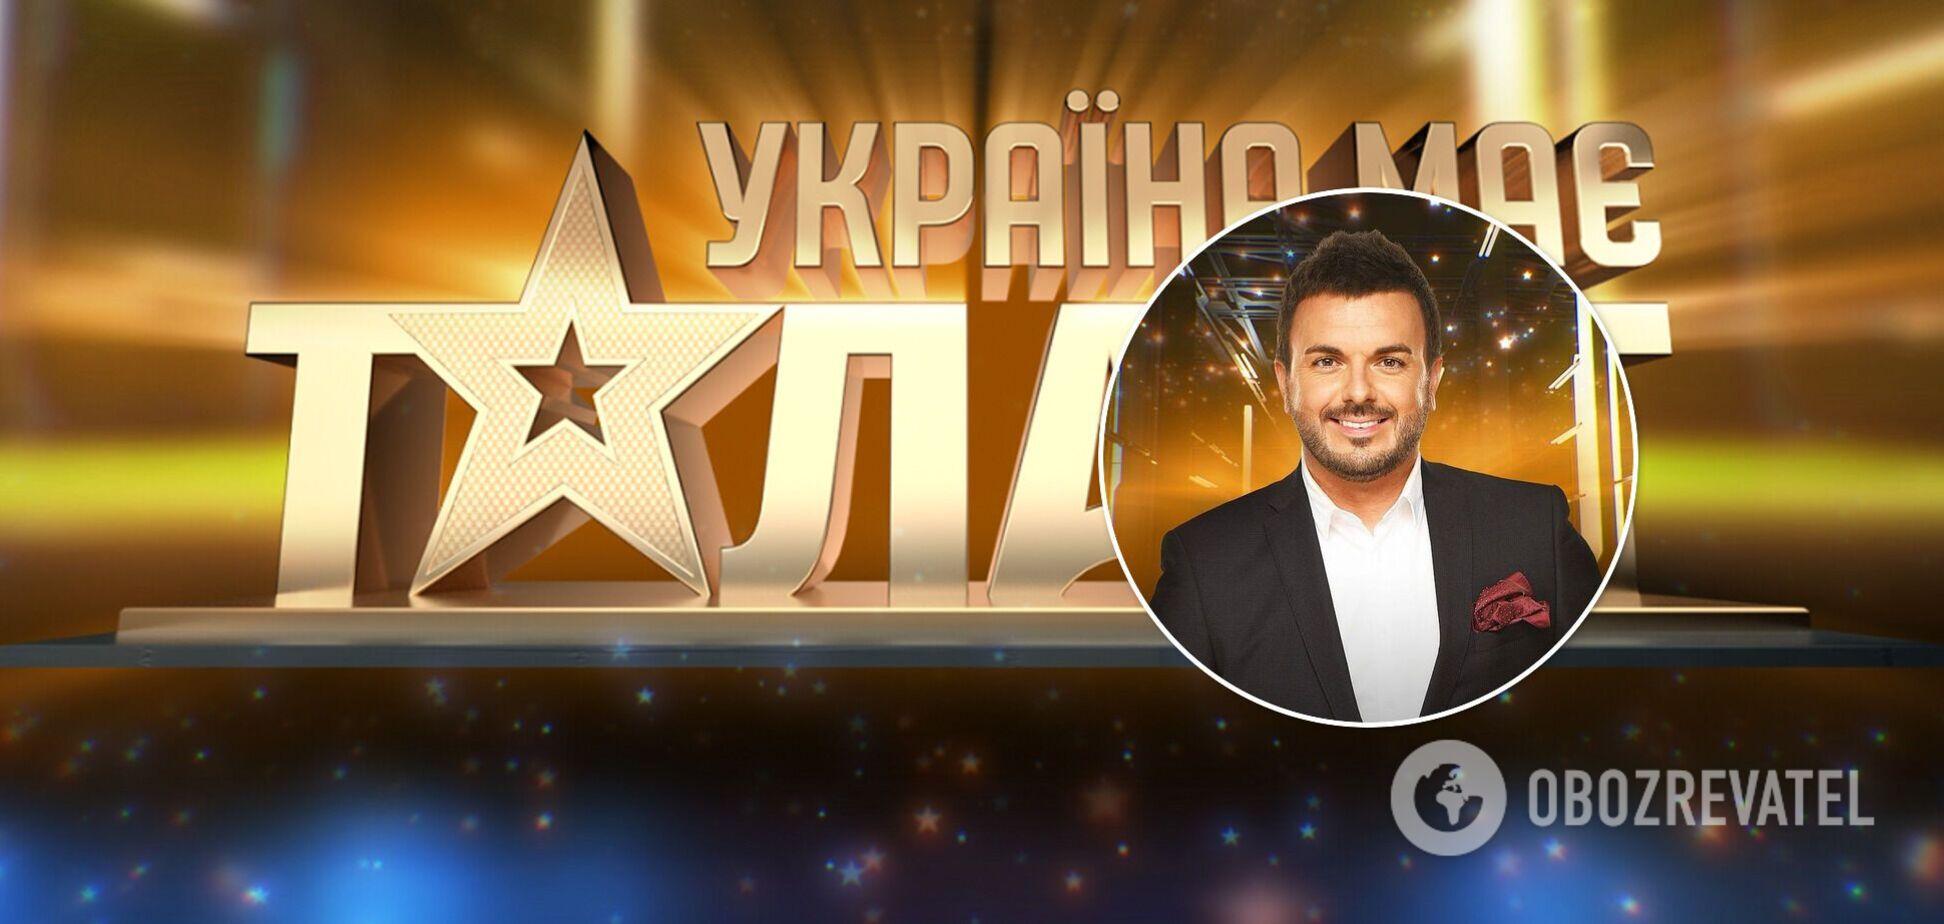 Названо имя нового звездного ведущего шоу 'Україна має талант'